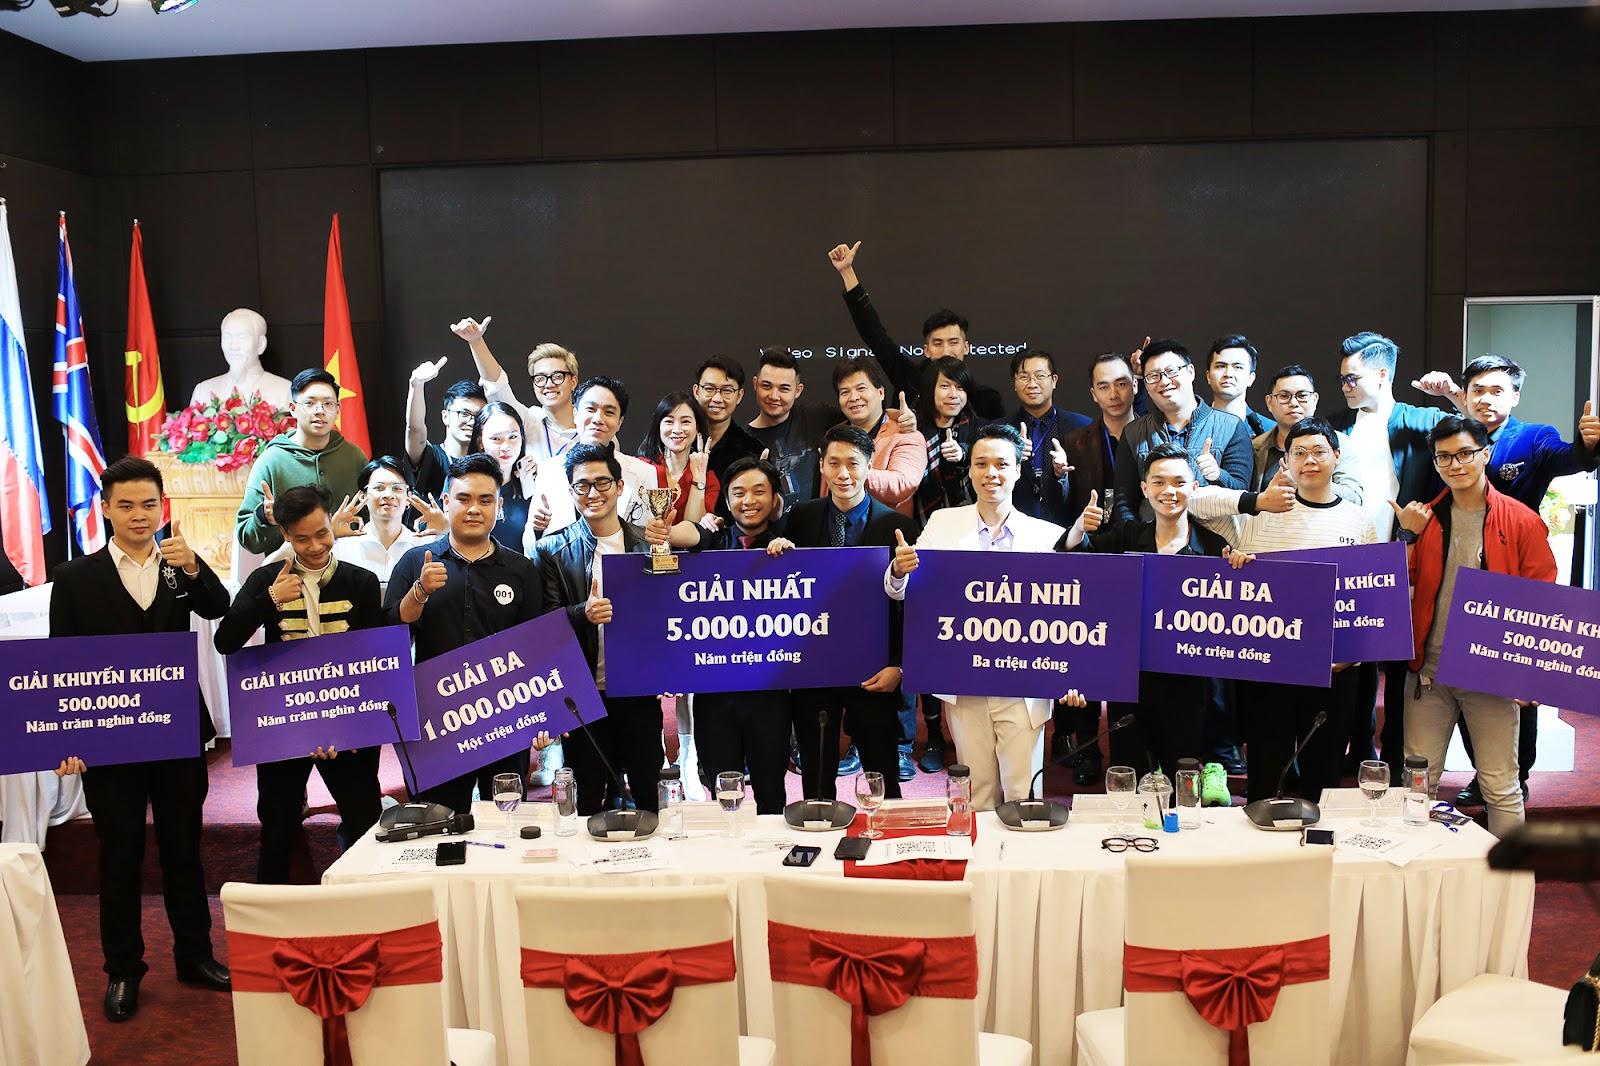 Chương trình kết thúc với màn trao giải cho các thí sinh, mọi người vui vẻ chụp hình lưu niệm cũng như giao lưu với nhau, đặt một bước ngoặt lớn cho sự phát triển của cộng đồng ảo thuật Việt Nam.